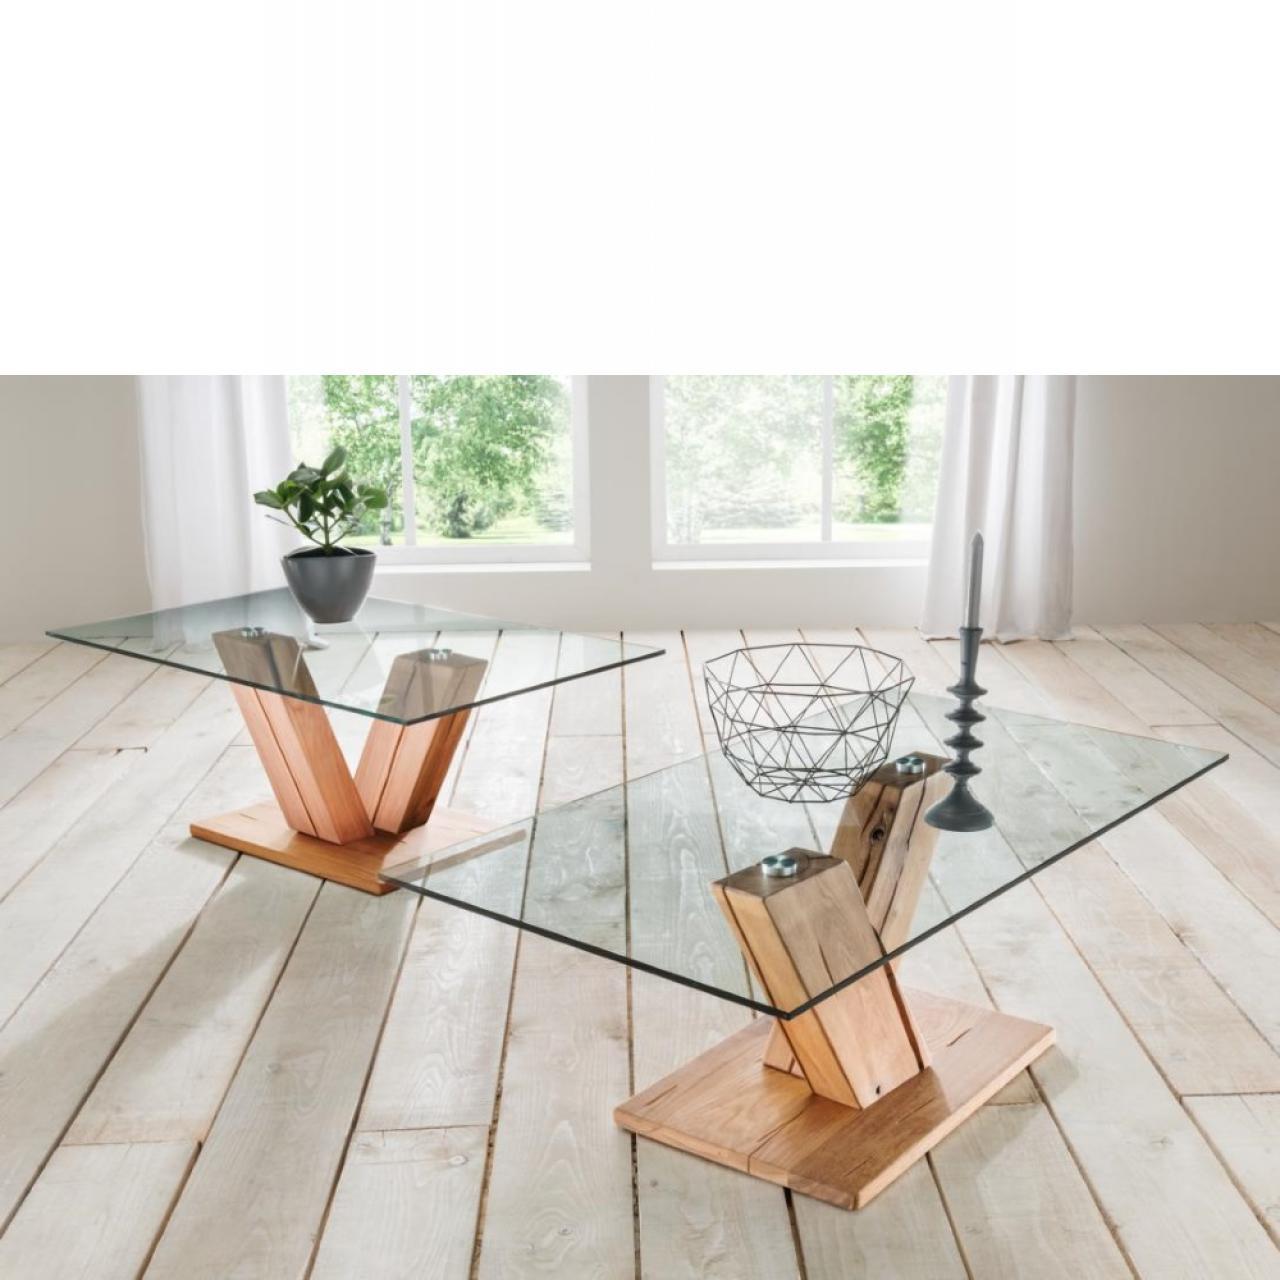 Couchtisch Rubik  Couchtische  Wohnzimmermöbel  Wohnen